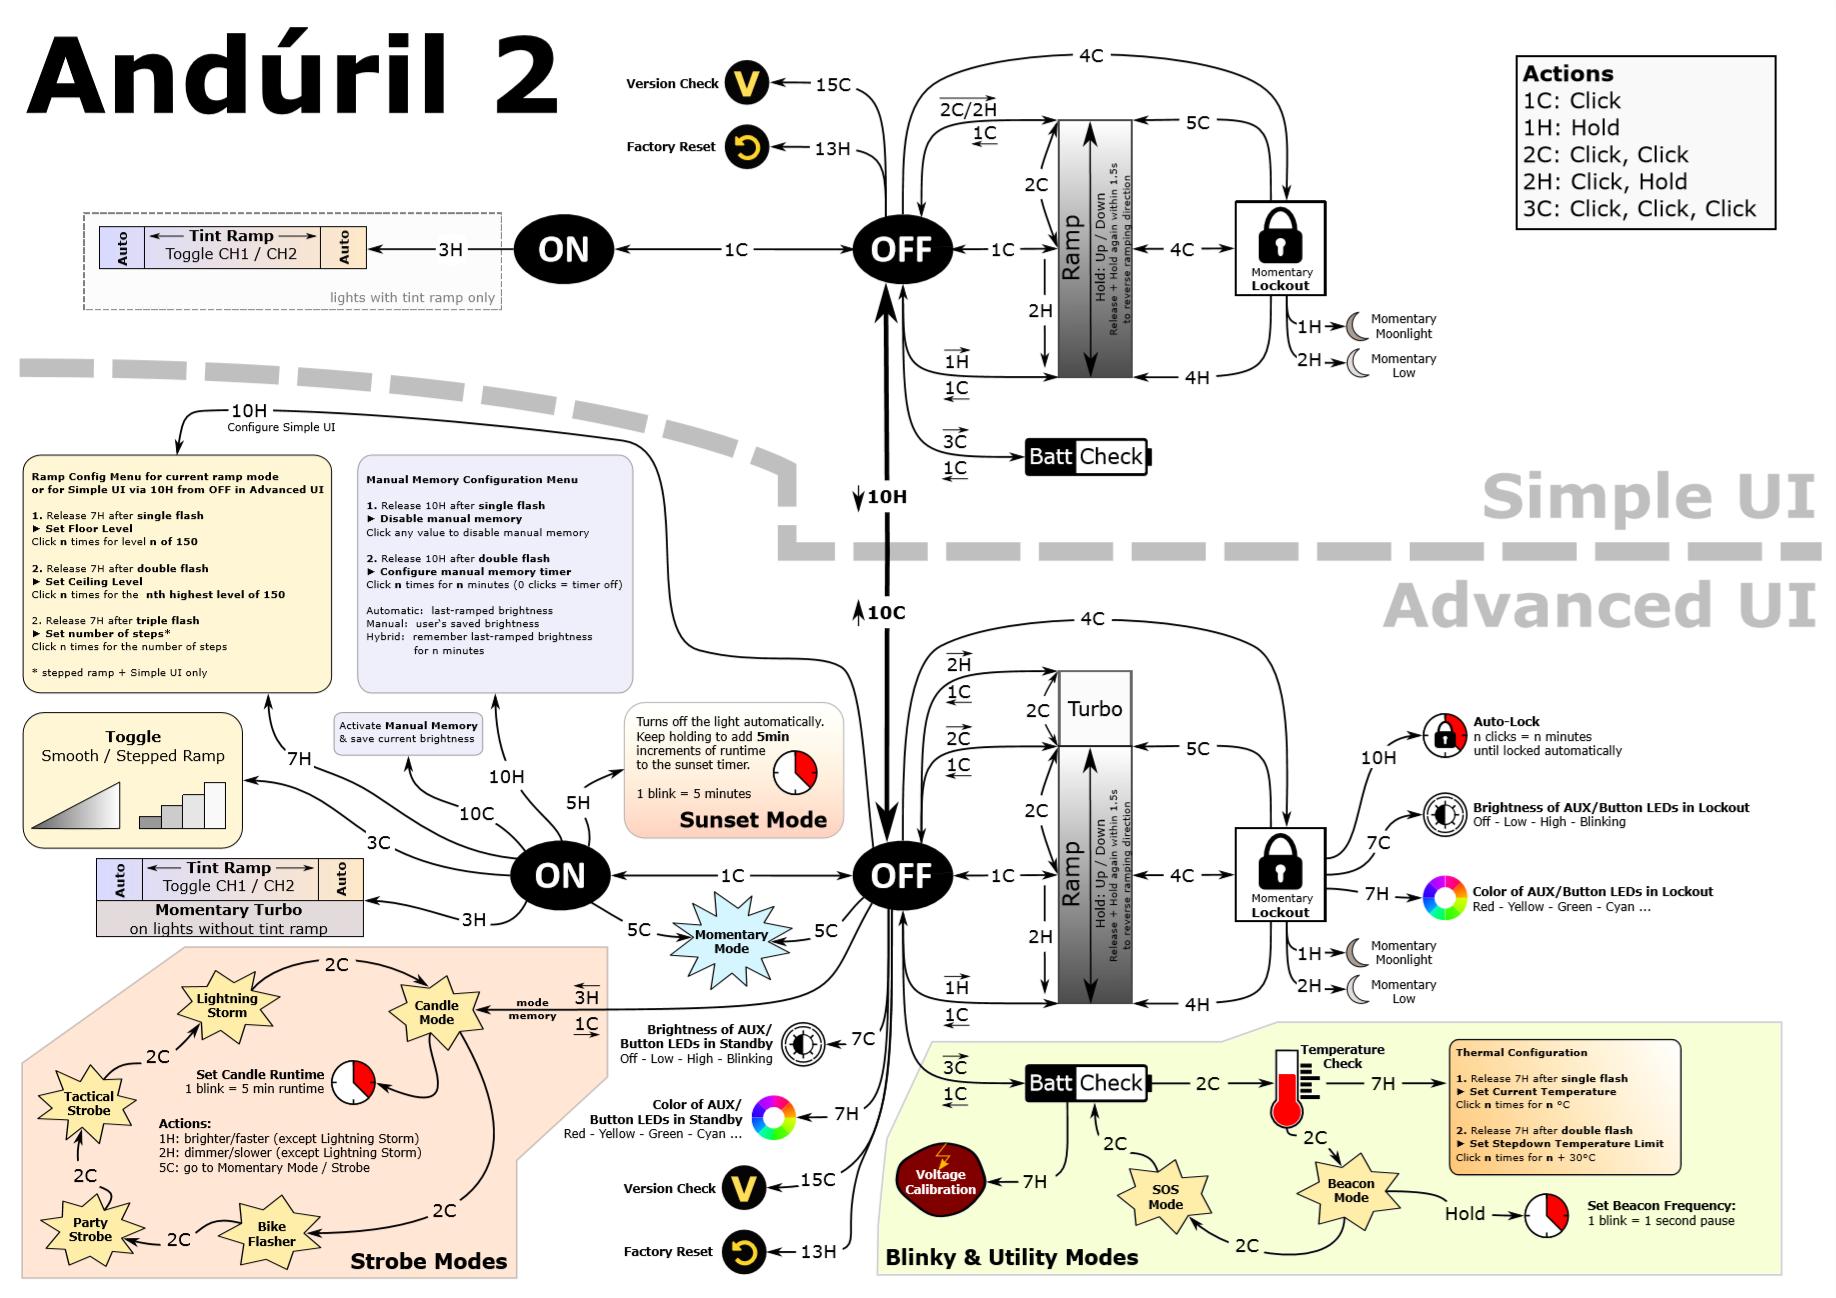 anduril2-UI-diagram.png